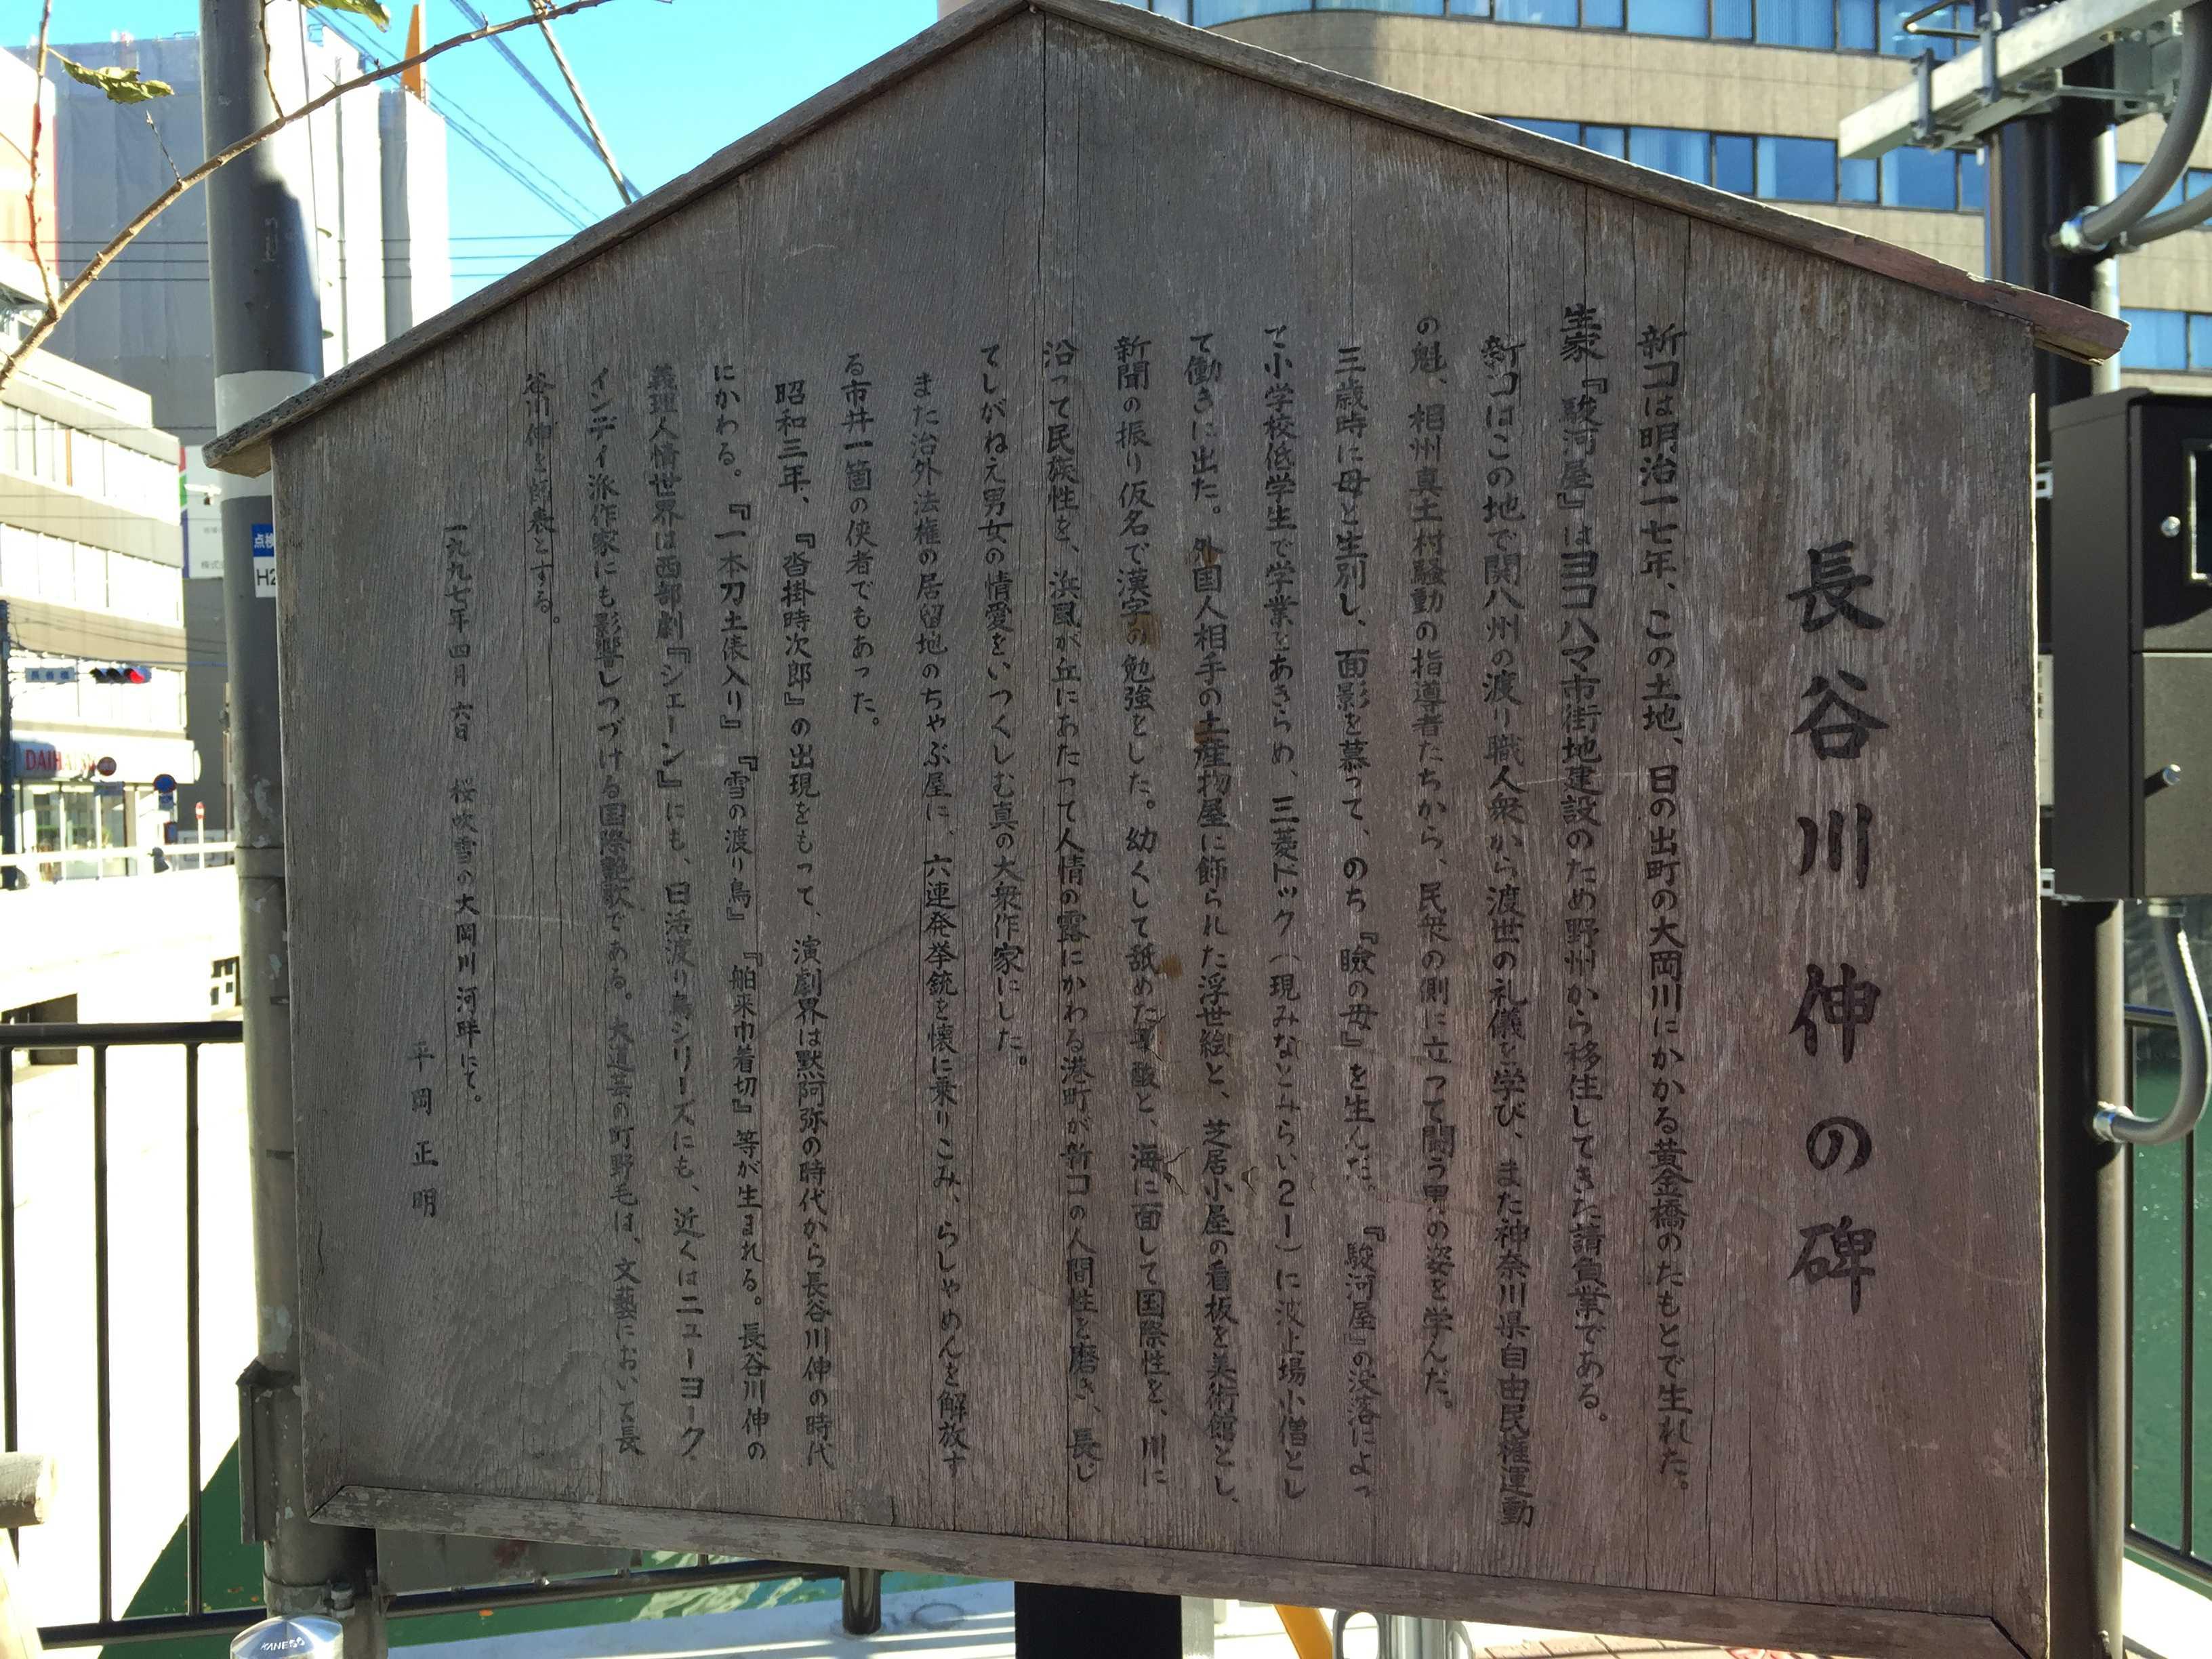 長谷川 伸 の碑